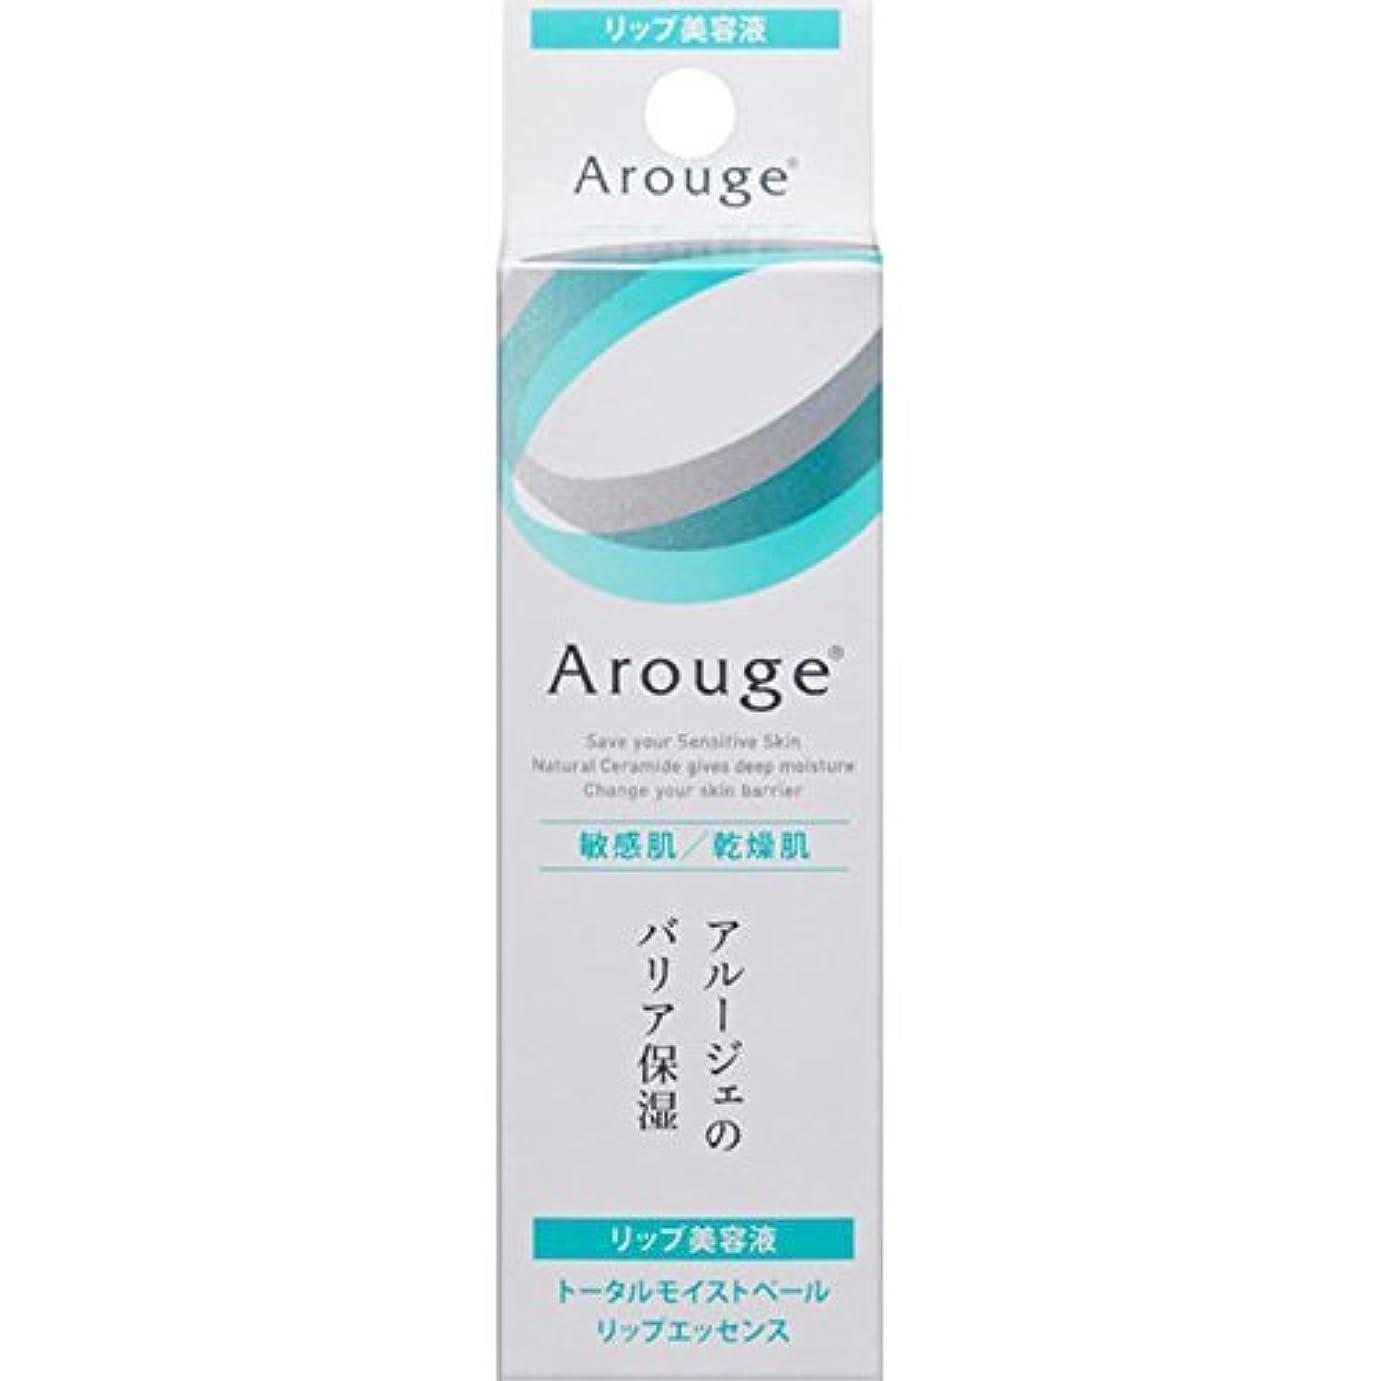 呼びかける繊毛すばらしいです全薬工業 アルージェ トータルモイストベール リップエッセンス 8g